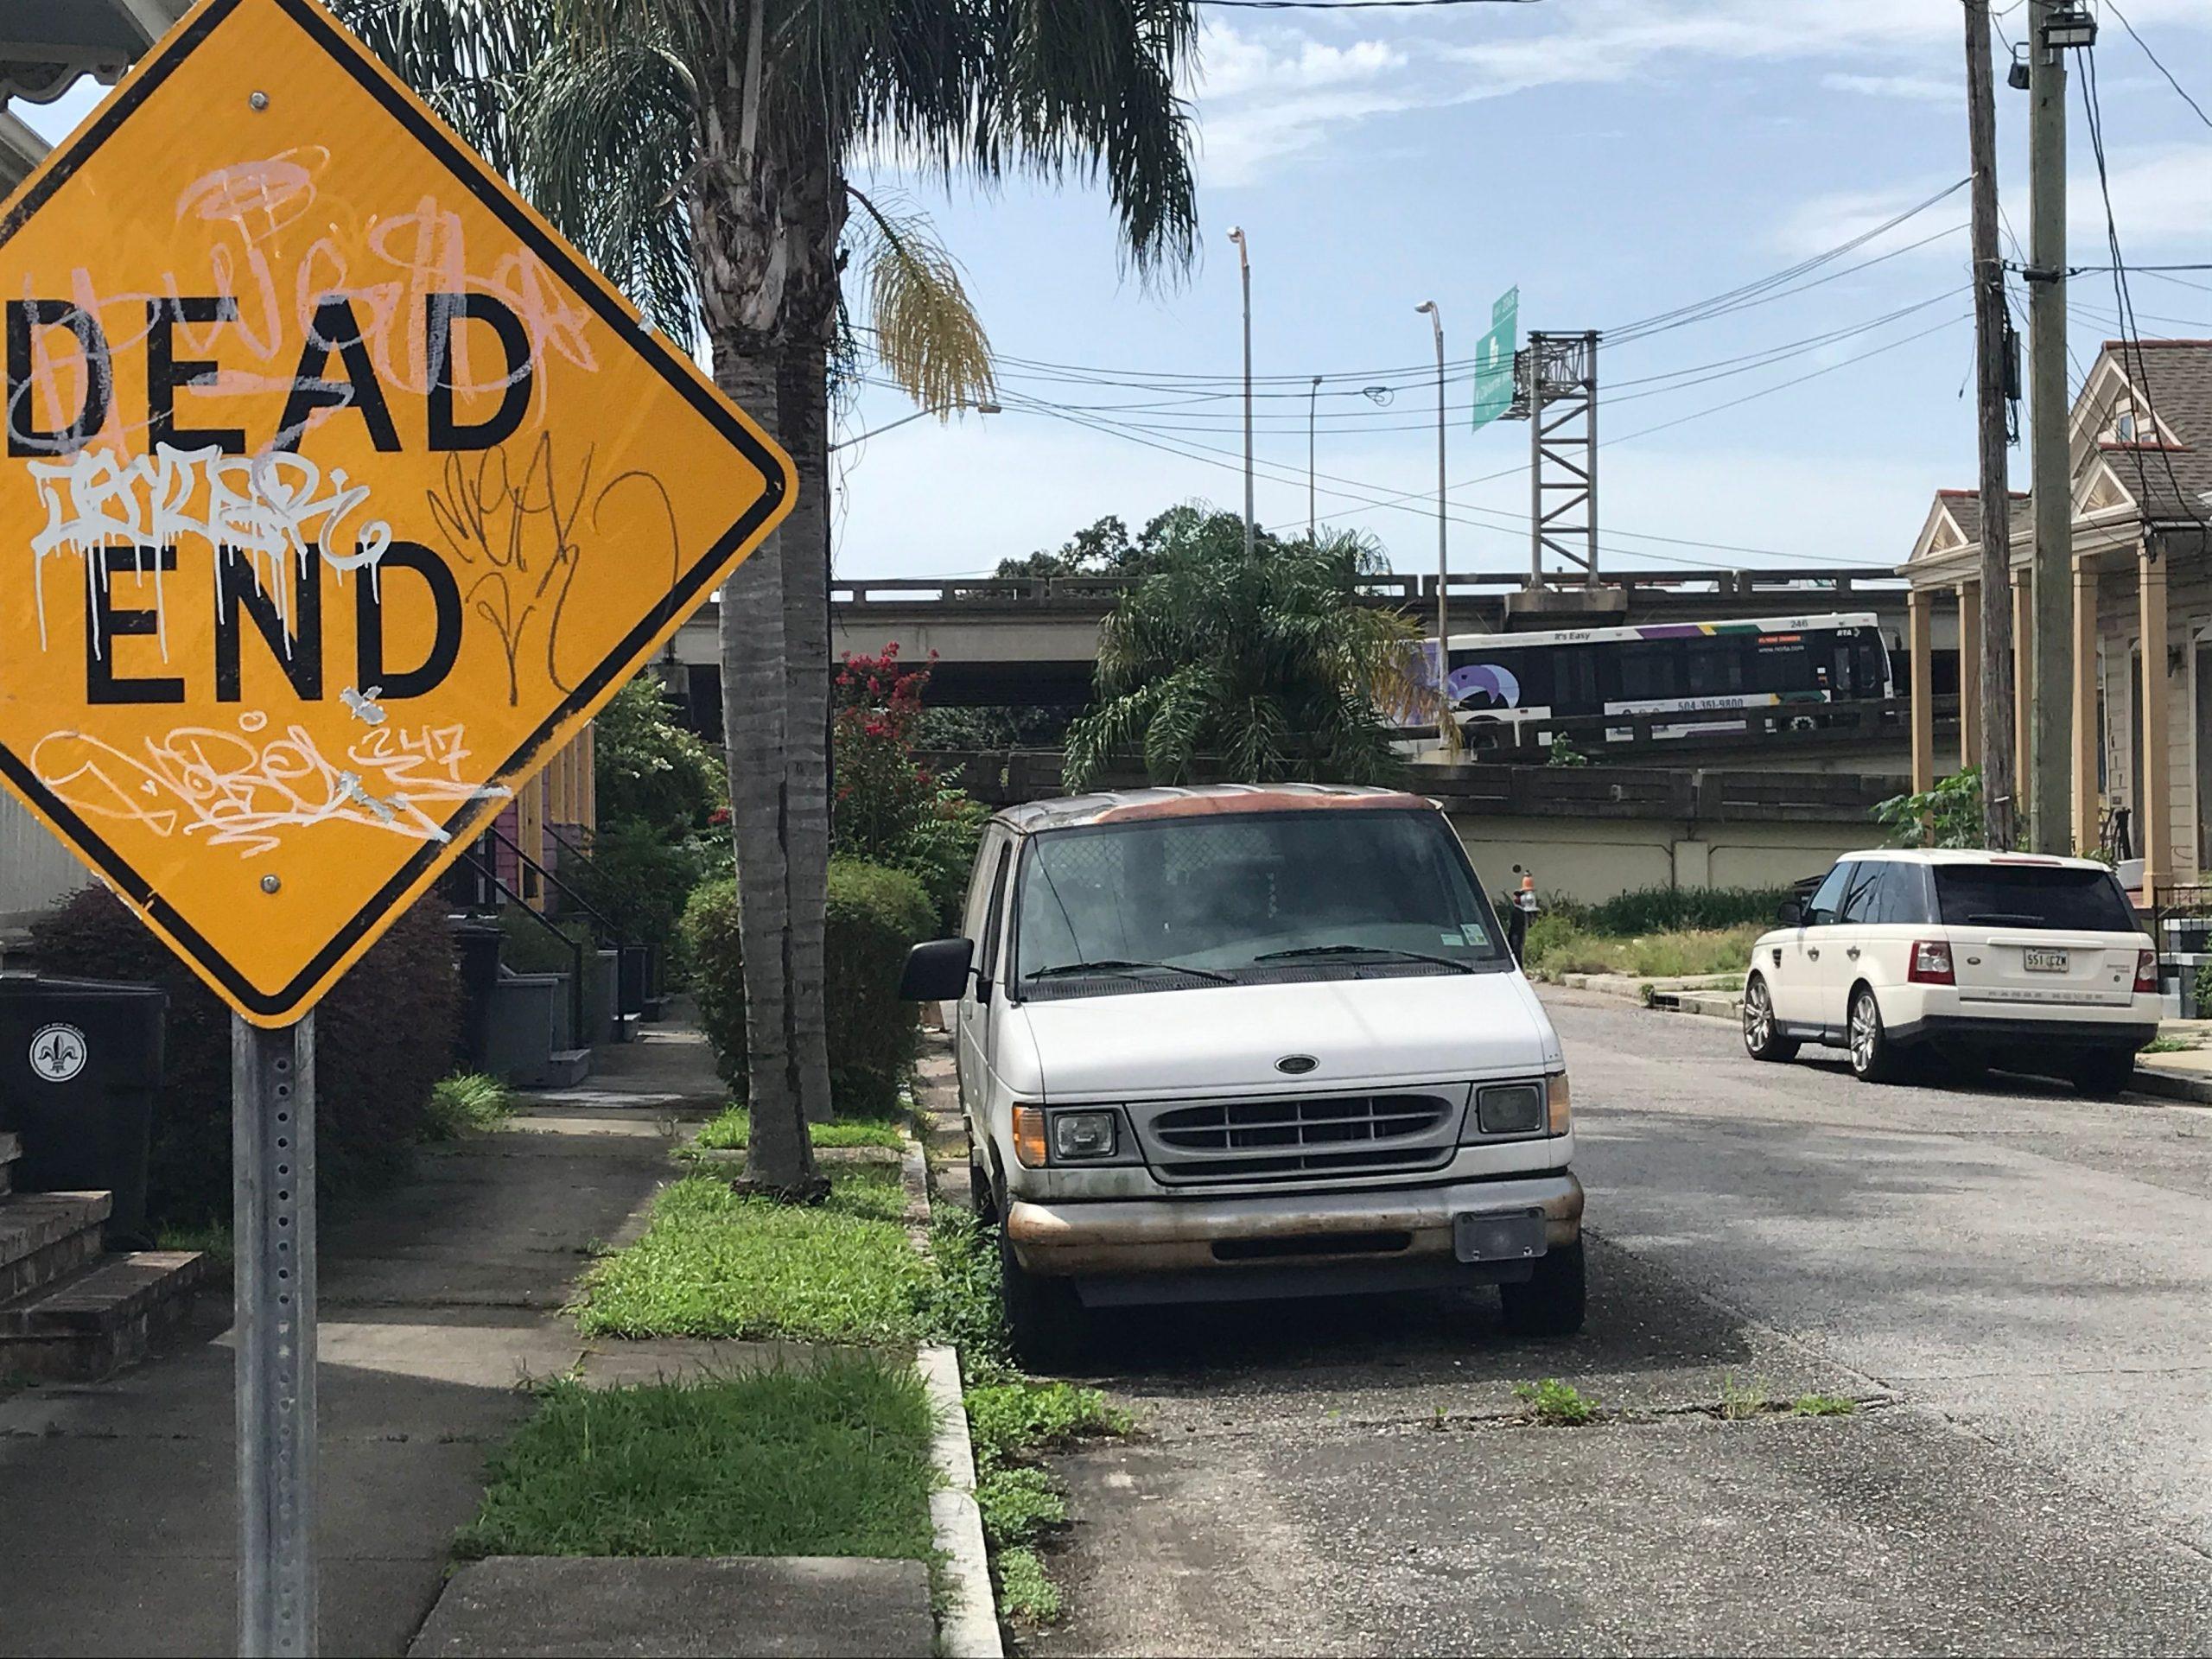 Advocates want to bulldoze highways that bulldozed Black neighborhoods